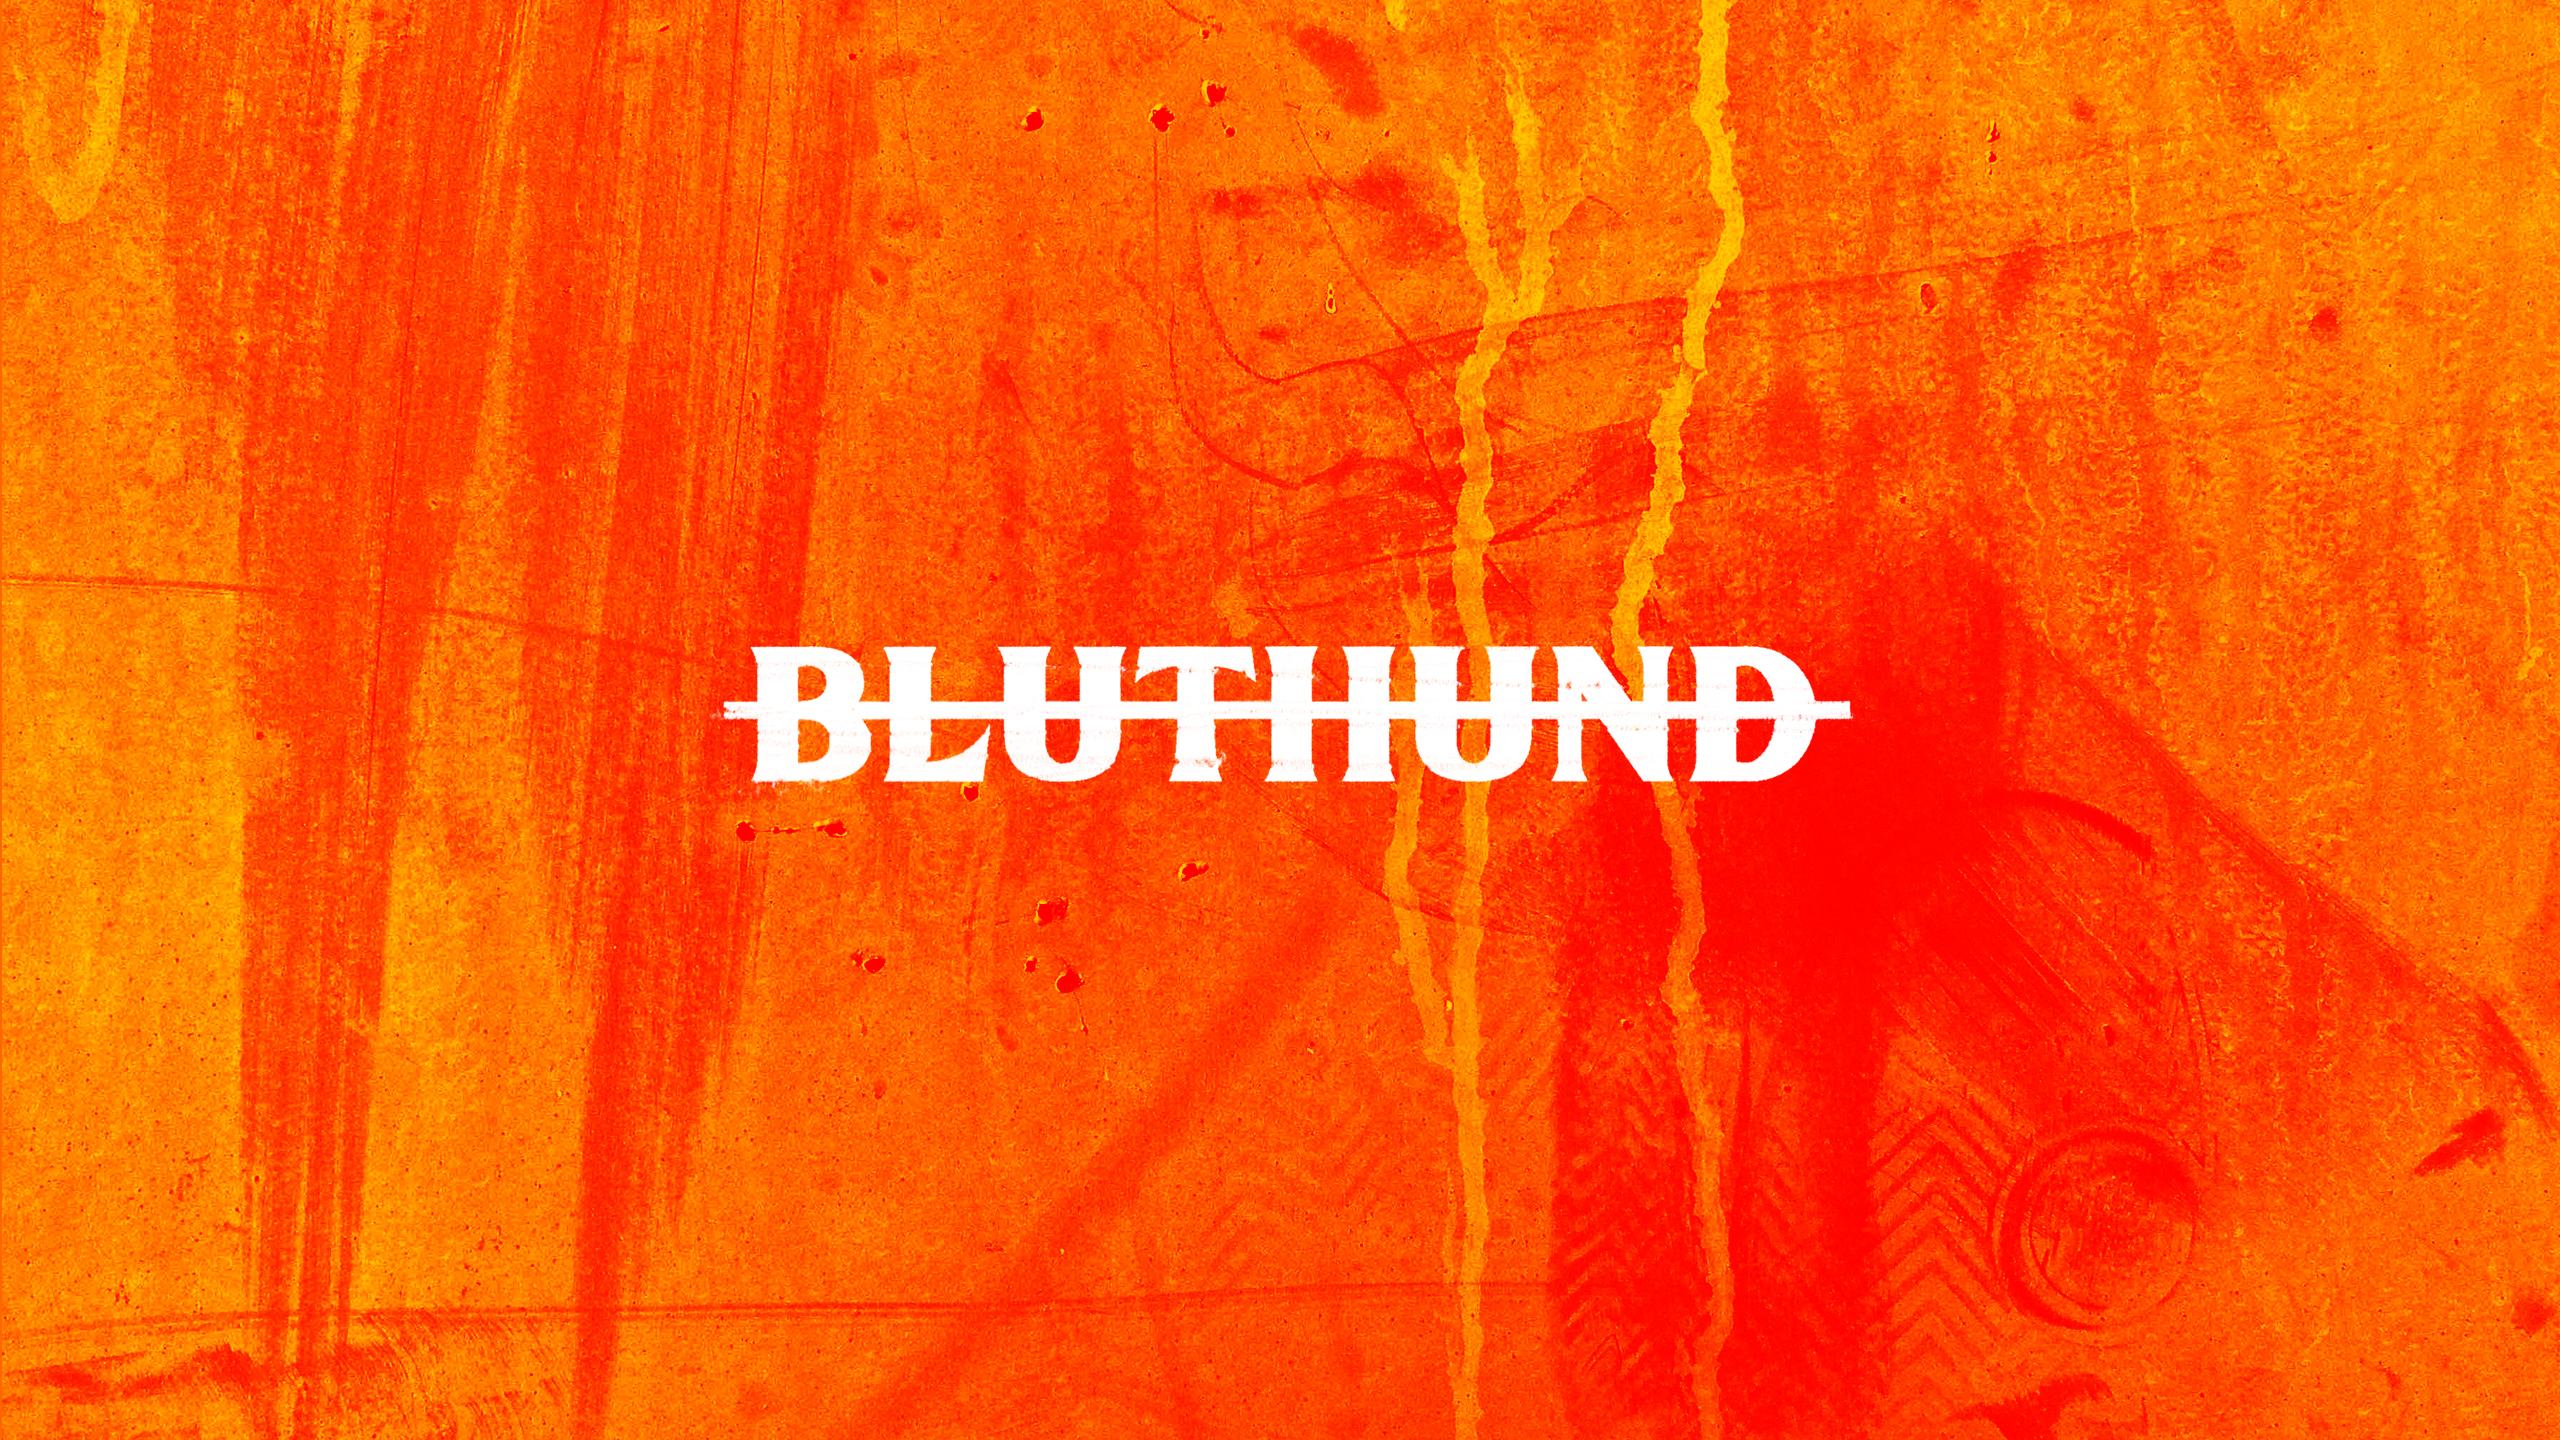 bluthund_YT_HEAD_a